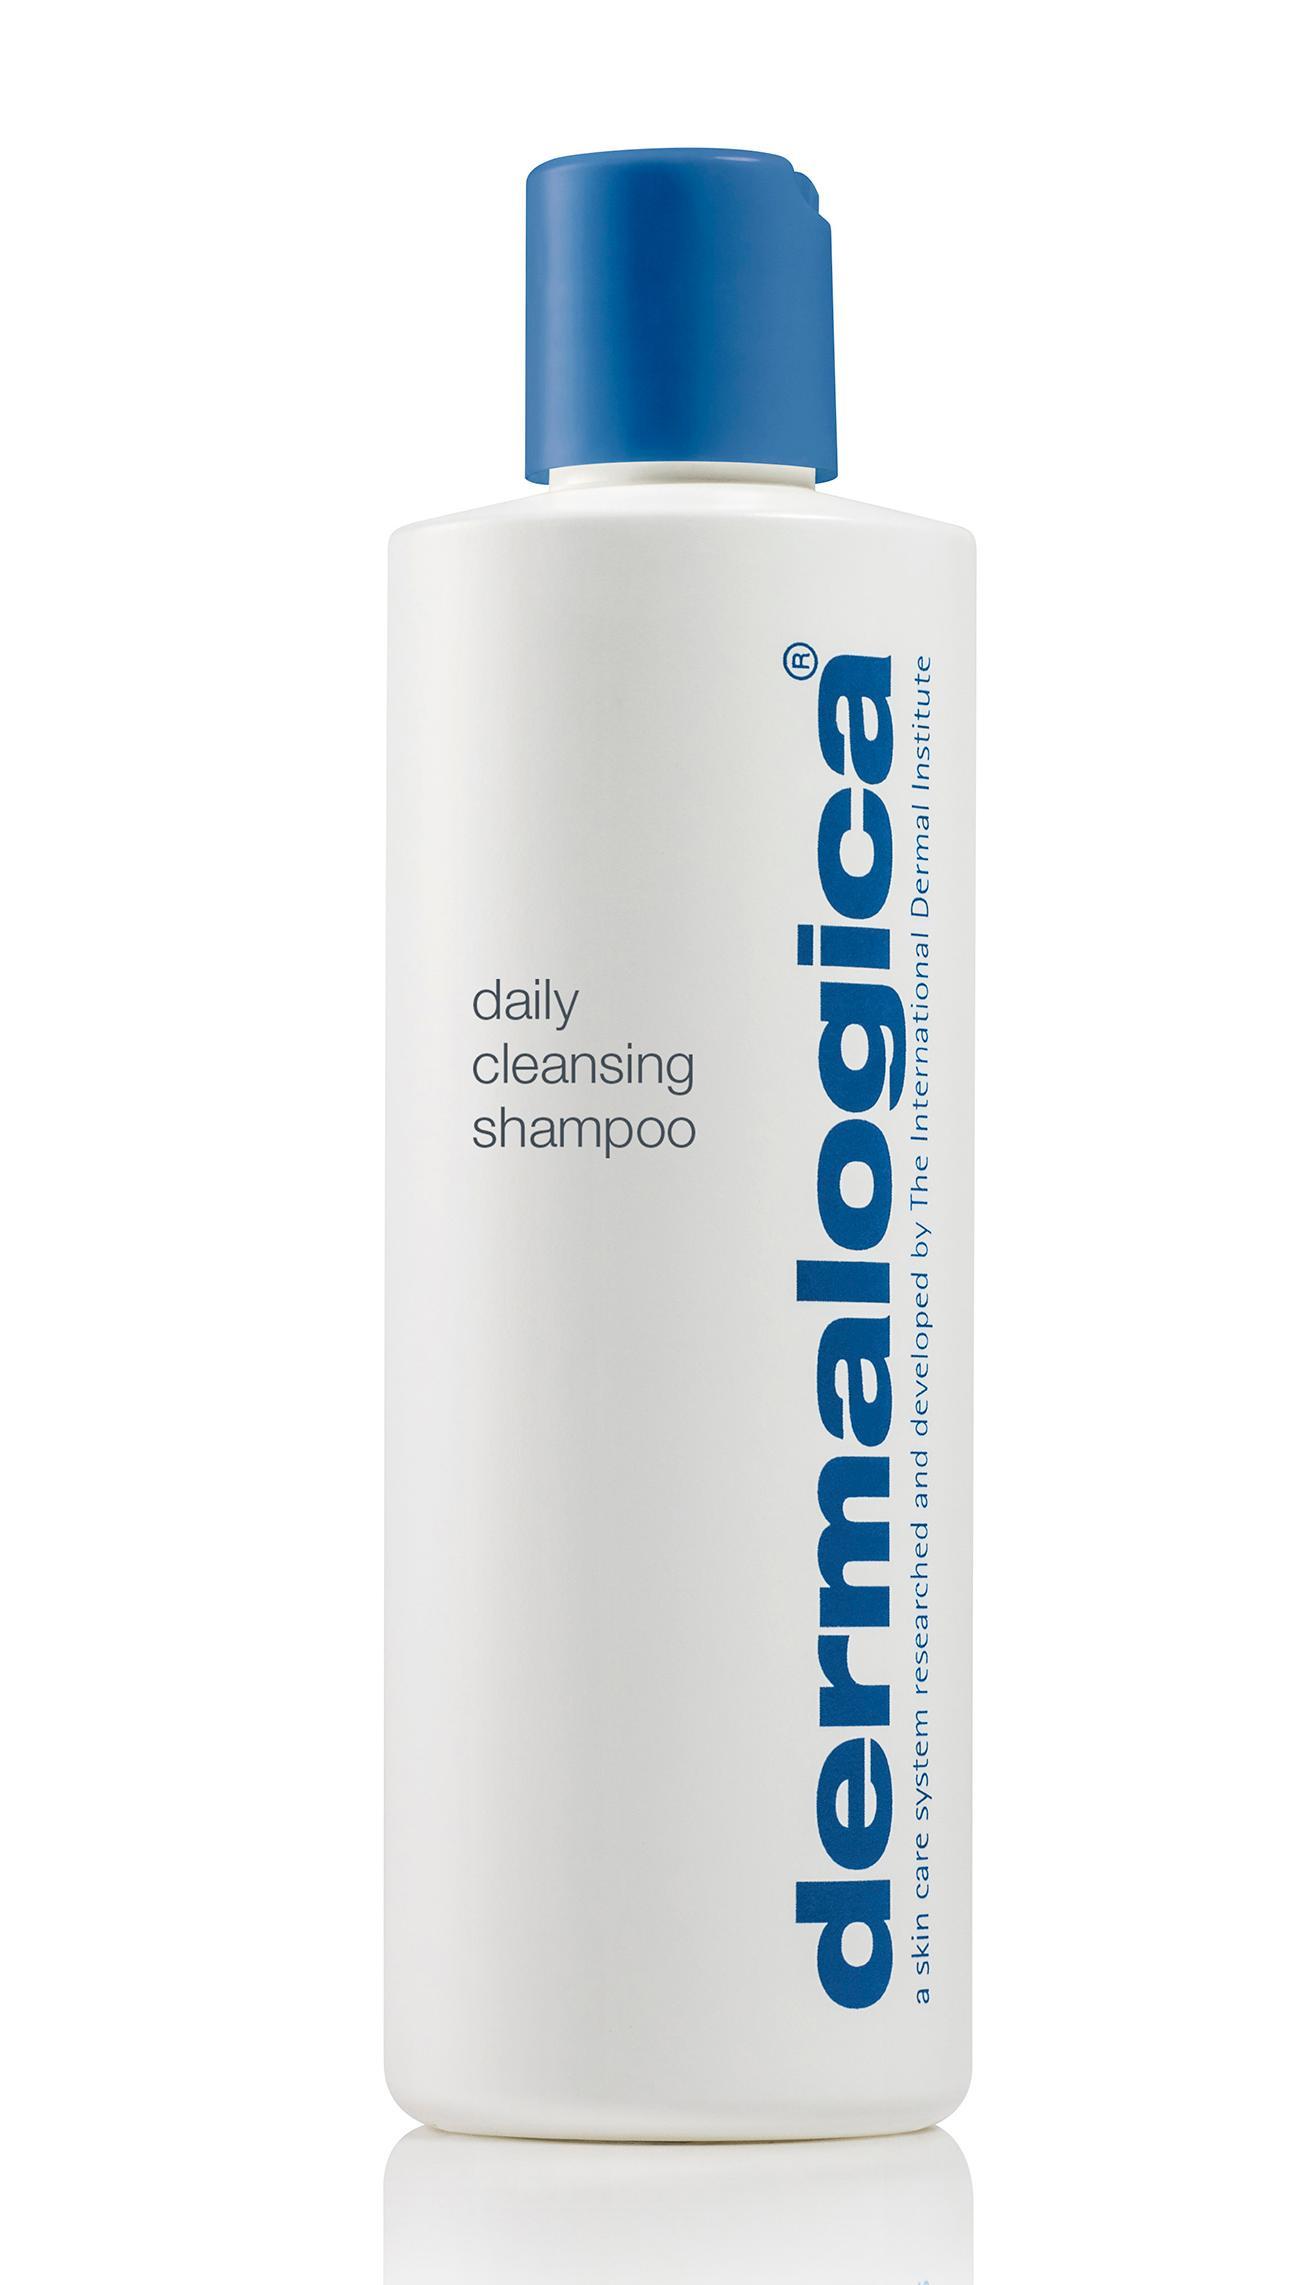 DERMALOGICA Шампунь ежедневный для здоровья волос / Daily Cleansing Shampoo 250 млШампуни<br>Dermalogica  представляет два новых продукта для комплексного ежедневного ухода за кожей головы и волосами, не содержащие искусственных ароматизаторов, красителей и парабенов: Daily Cleansing Shampoo / Ежедневный шампунь для здоровья волос и Daily Conditioning Rinse / Ежедневный кондиционер для блеска волос. Новинки входят в систему для ухода за кожей тела, позволяющую создать индивидуальную, комплексную ароматерапевтическую спа-программу в домашних условиях. С каждым применением продукта, волосы становятся более здоровыми и обретают сияние. Этот безсульфатный шампунь деликатно очищает кожу головы и волосы, не повреждая естественный защитный барьер и не пересушивая. Активная формула продукта укрепляет, увлажняет, минимизирует ломкость и делает волосы более послушными. Активные ингредиенты: o Масла Арганы, Авокадо и Кокоса - увлажняют и оказывают анти-оксидантное действие, придают сияние и смягчают каждую прядь, а также защищают от повреждения УФ-лучами. o Эссенциальные масла Грейпфрута, Лаванды и Герани заряжают энергией и пробуждают чувства. Способ применения: нанесите массажными движениями на мокрые волосы и кожу головы. Тщательно смойте теплой водой.<br><br>Типы волос: Для всех типов<br>Время применения: Ежедневный